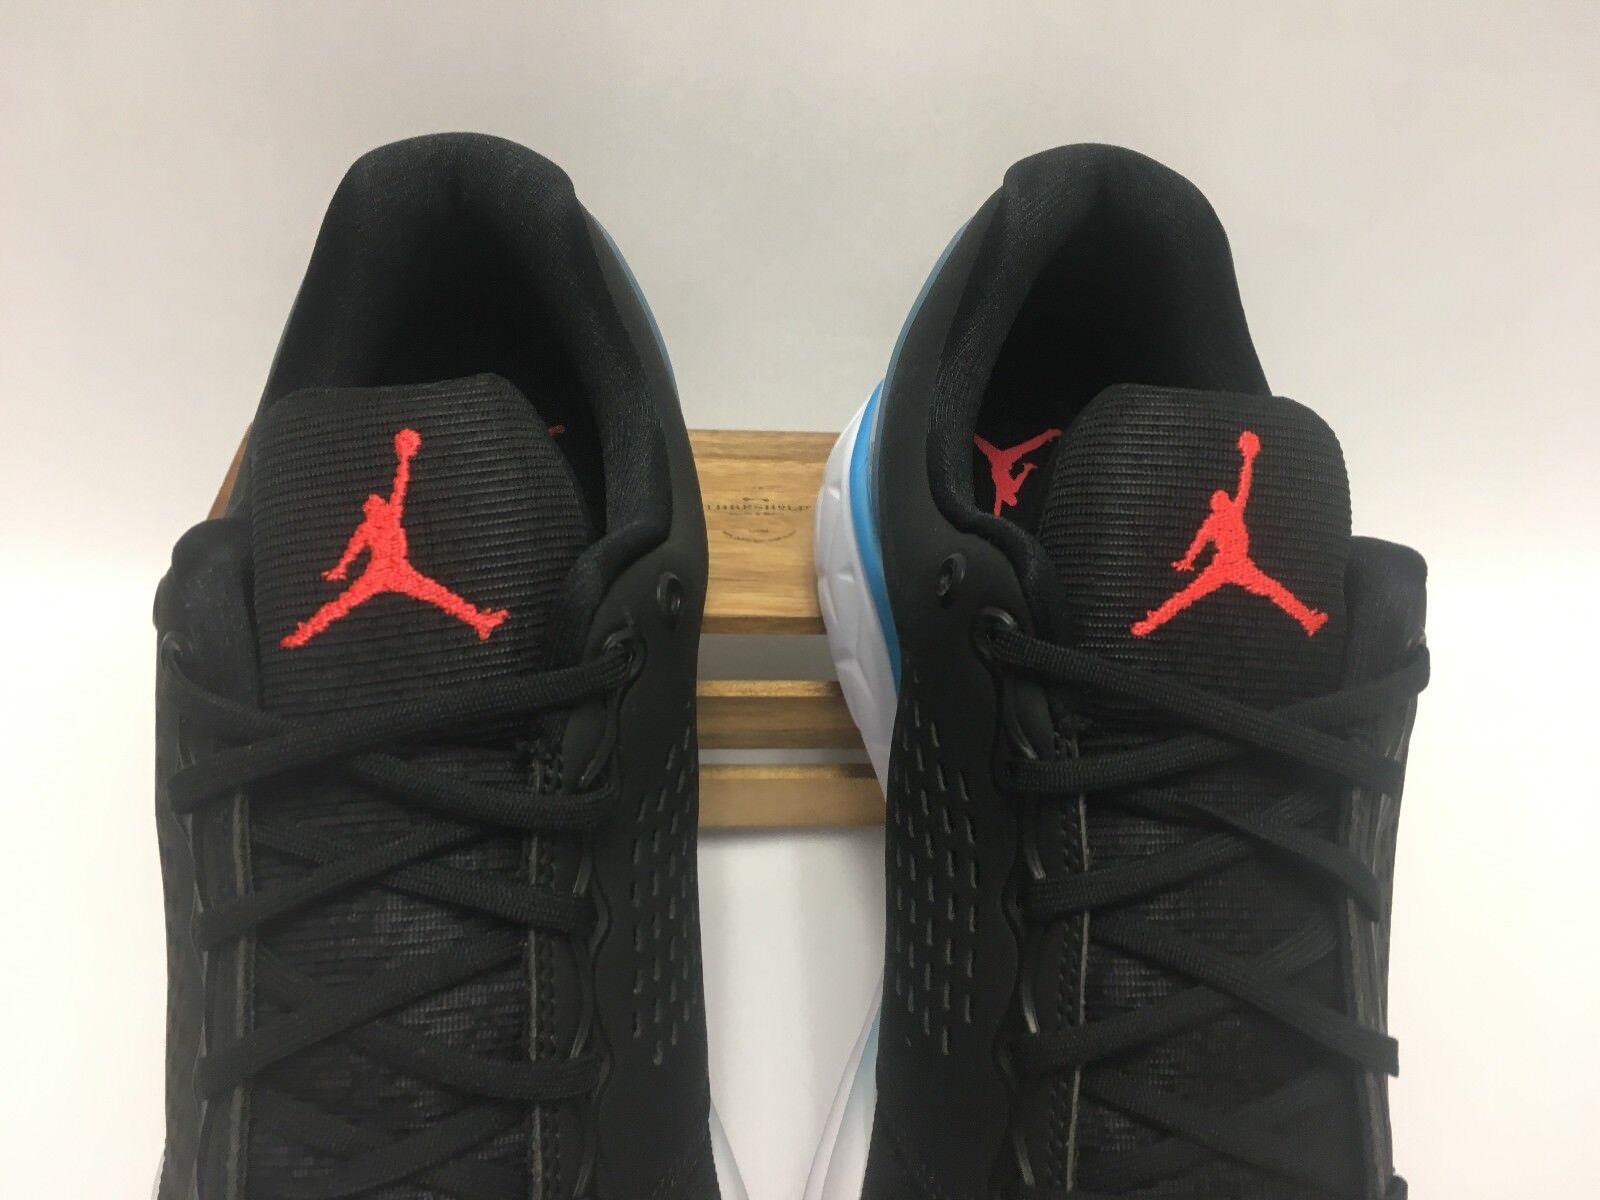 new concept fb955 a78c5 ... Nike Air Jordan Trainer ST Premium Shoes Shoes Shoes Black Red Blue  843732-008 Men s ...